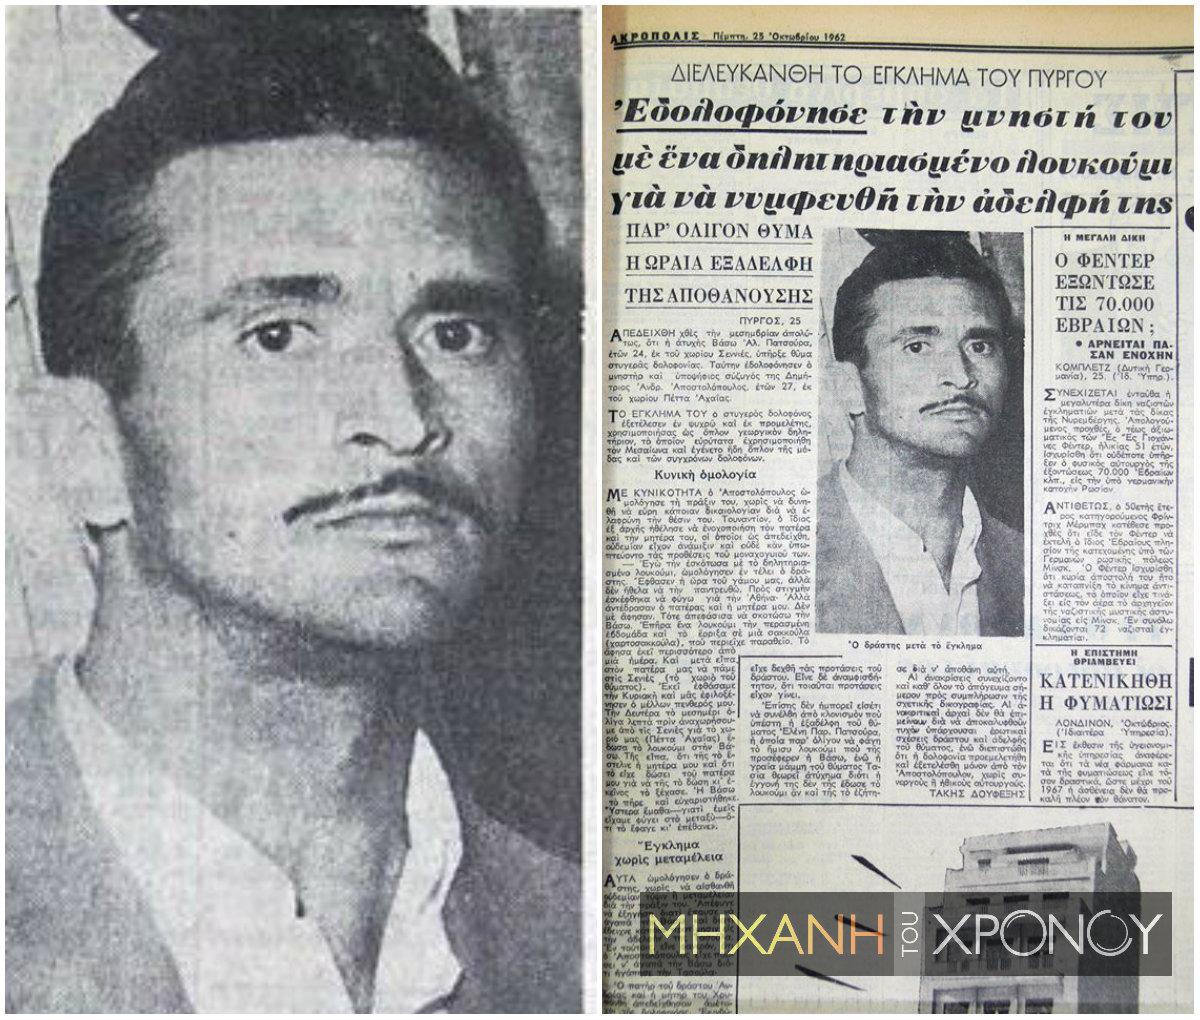 Το έγκλημα που σόκαρε την Ελλάδα των '60ς. Δολοφόνησε  την αρραβωνιστικιά του με δηλητηριασμένο λουκούμι, λίγο πριν από τον γάμο τους. Η αστυνομία πίστευε ότι ήταν ερωτευμένος με την αδελφή της